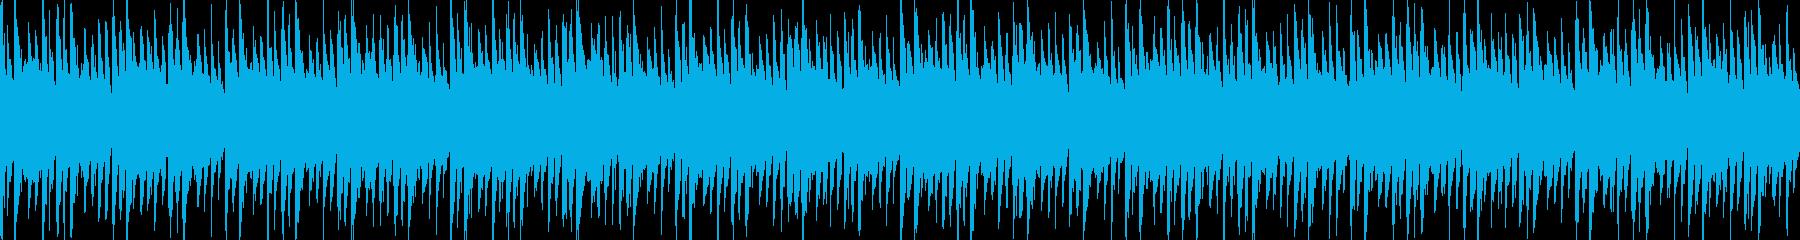 説明時に流れる穏やかなBGMの再生済みの波形